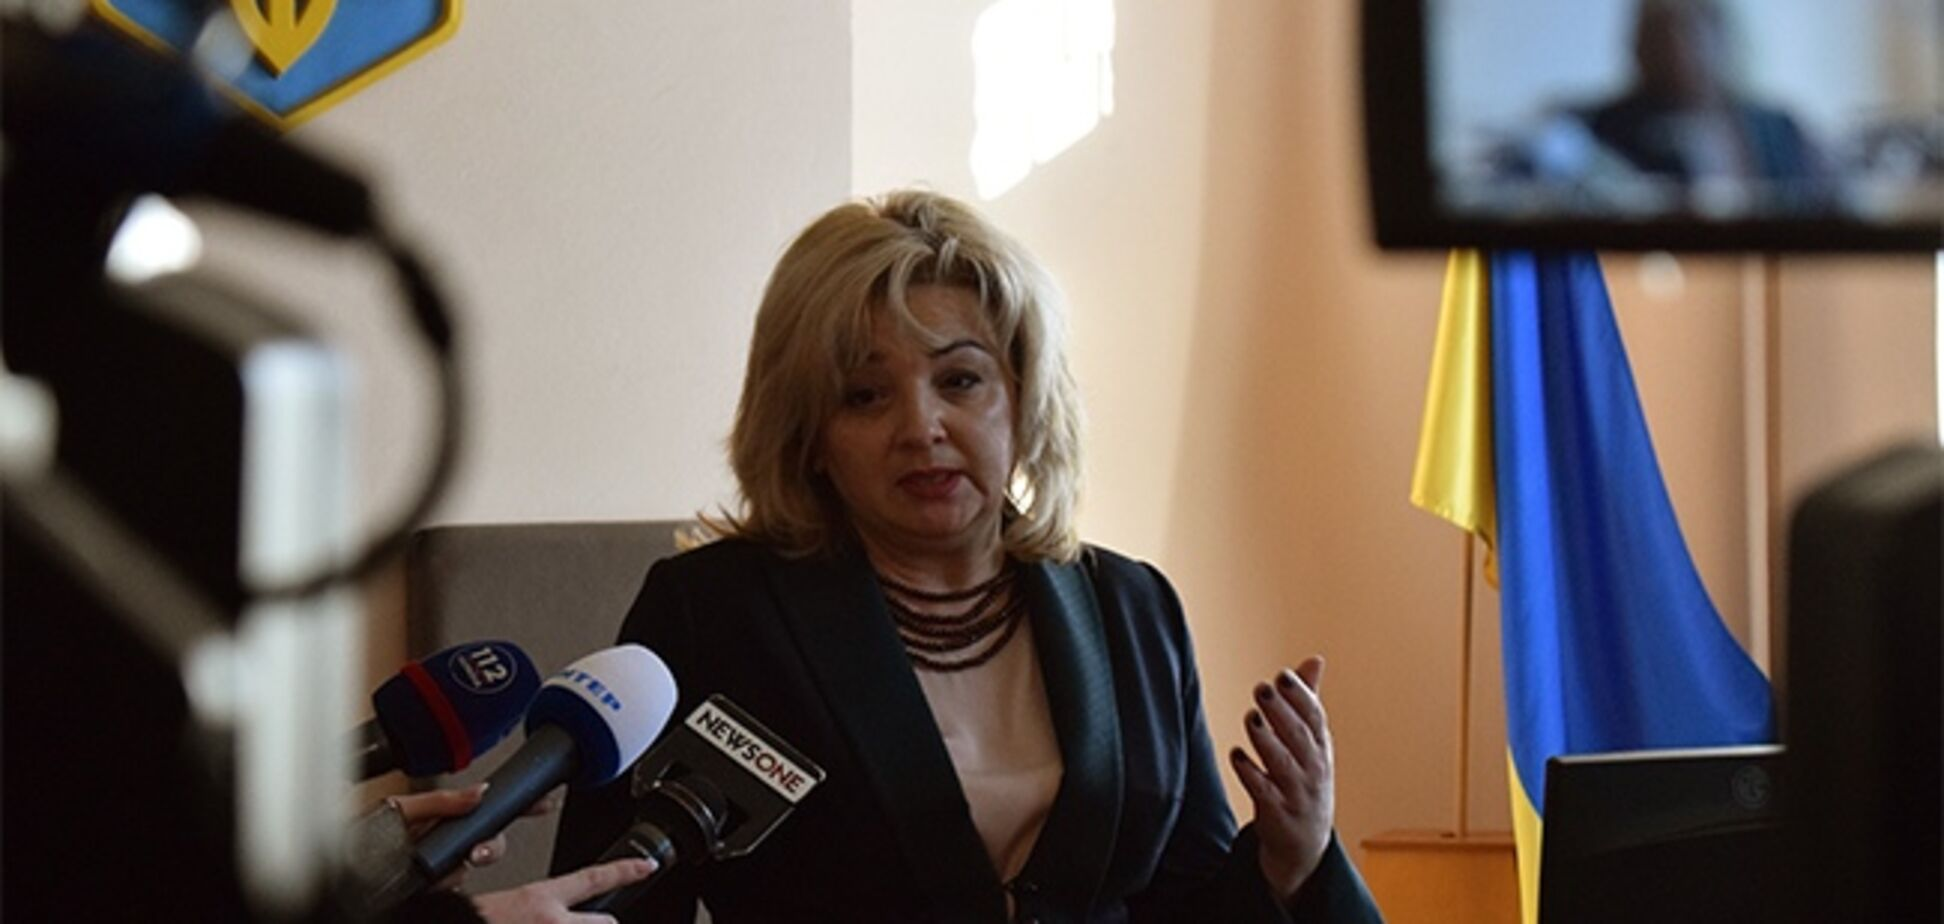 'Золотая' глава Госаудитслужбы может стать фигурантом двух громких дел: СМИ узнали детали